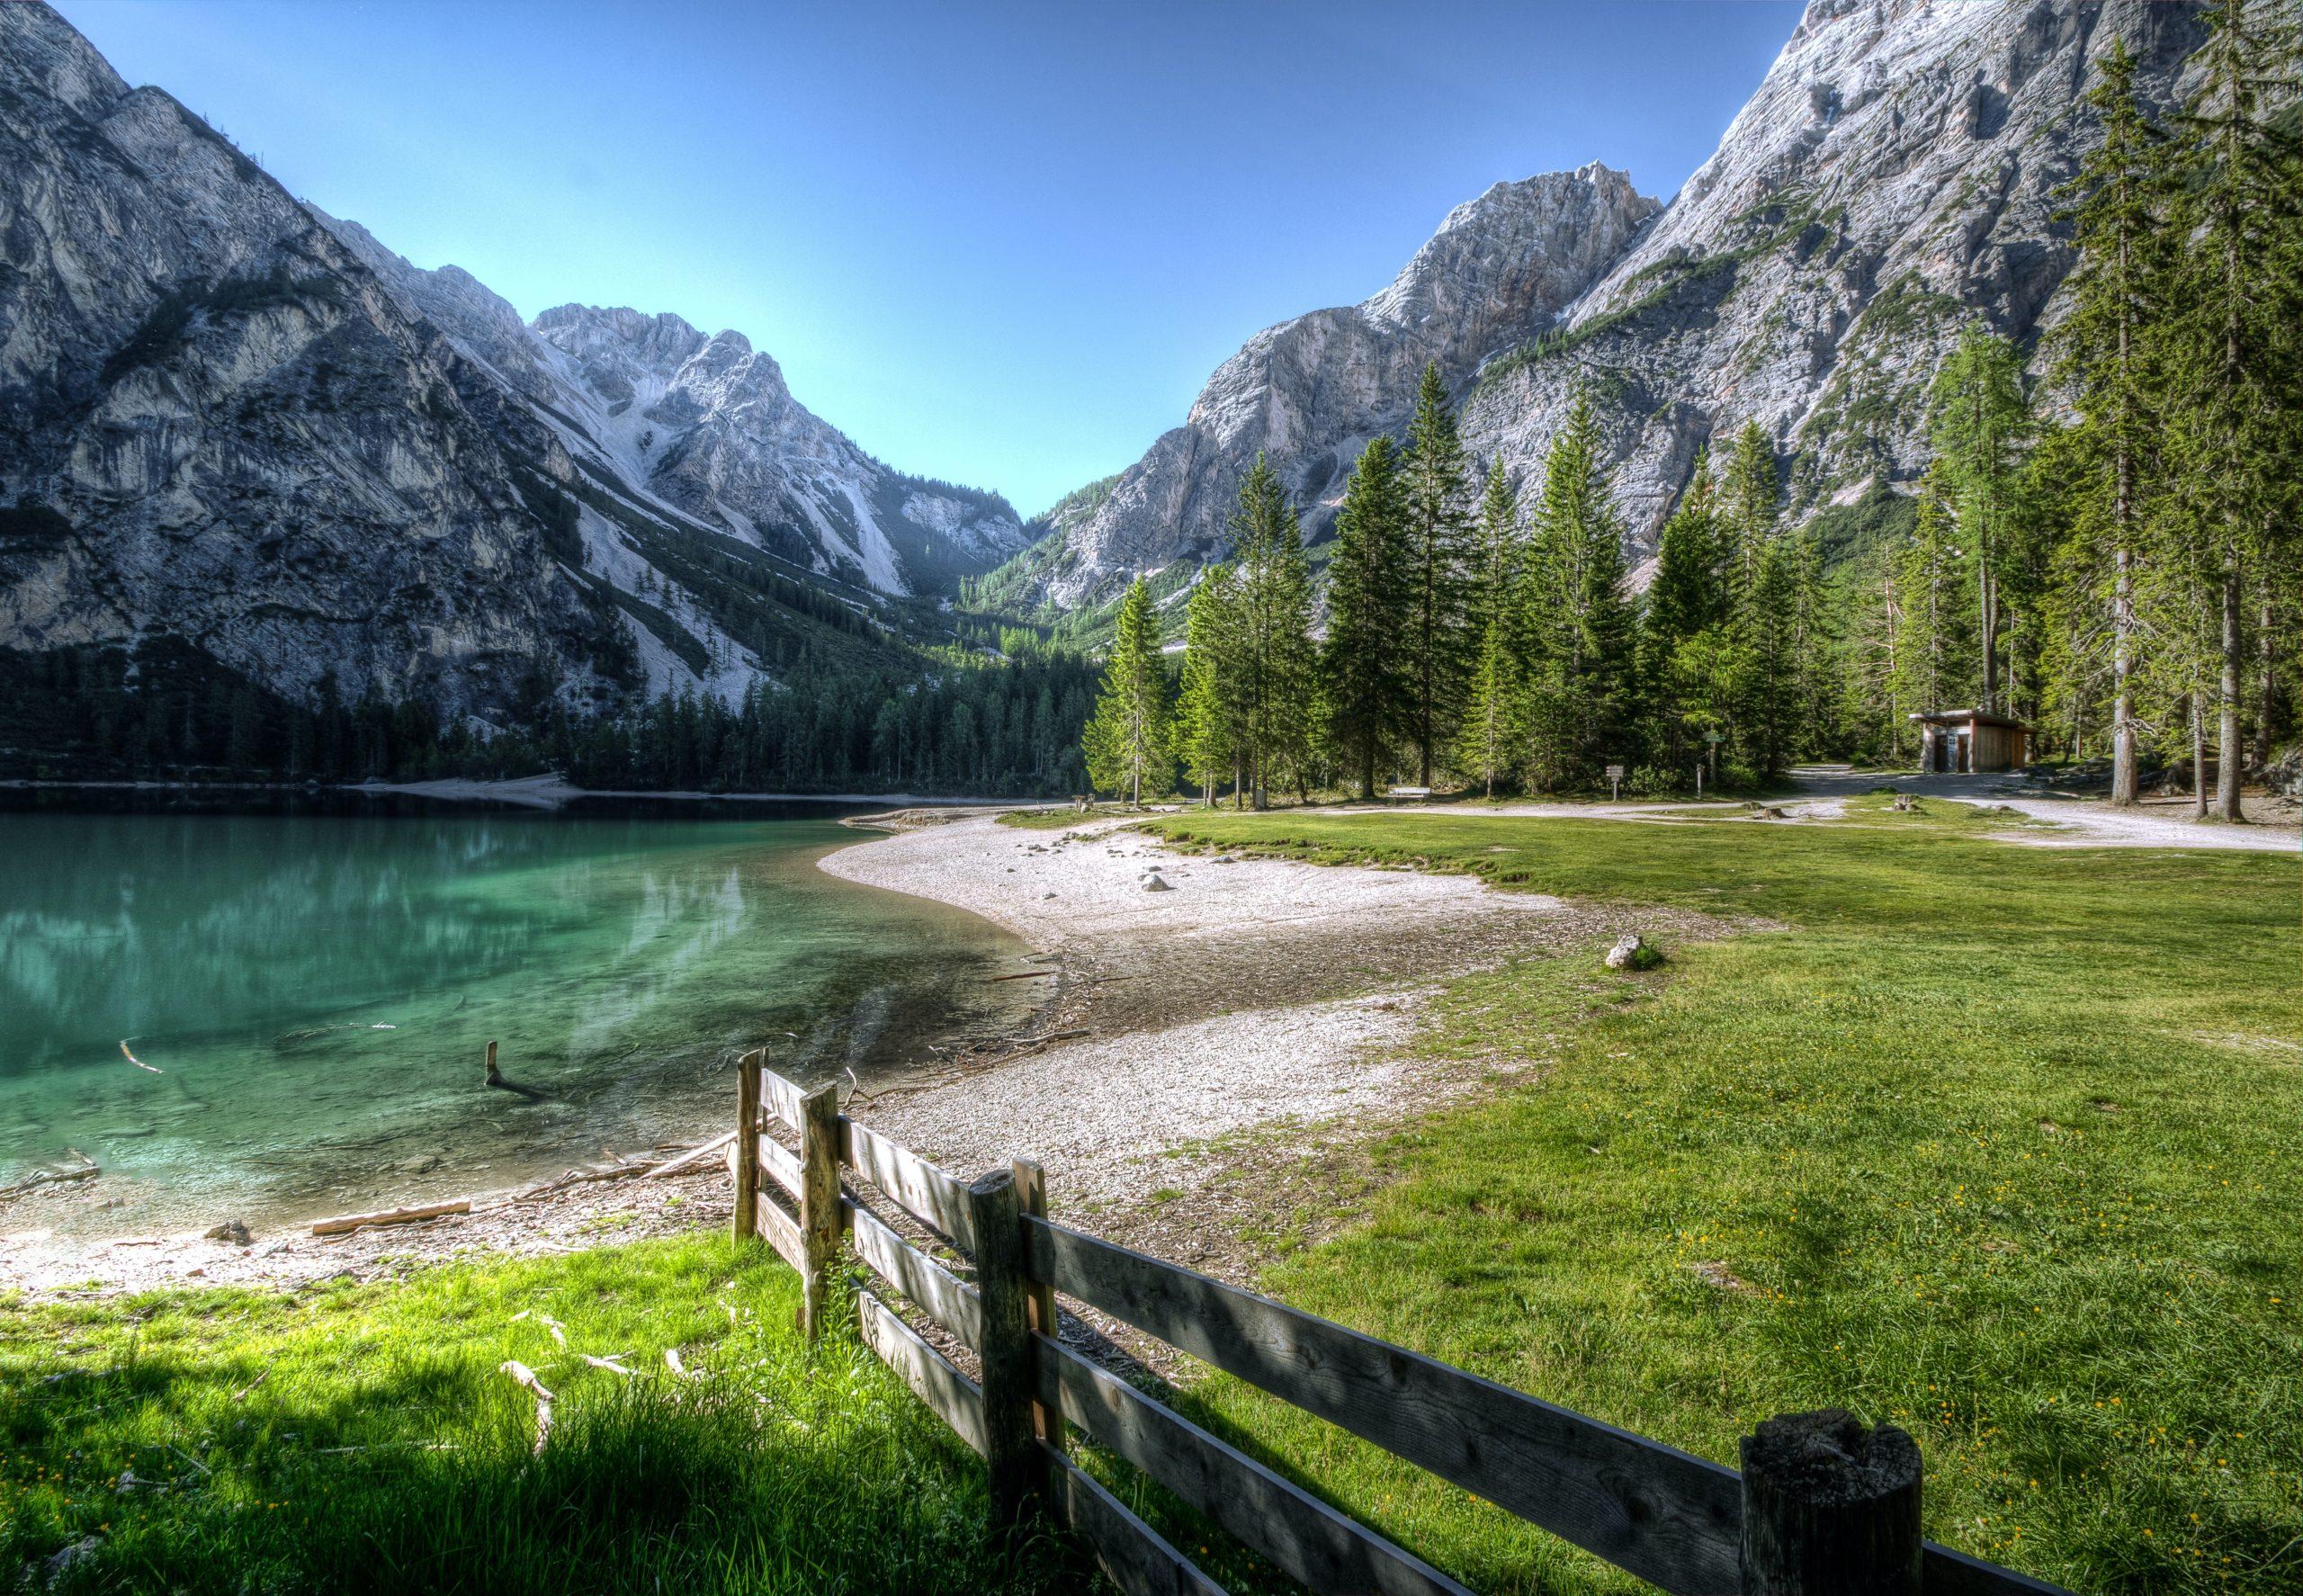 La nature nous apporte de la joie et du bonheur à court et moyen terme.